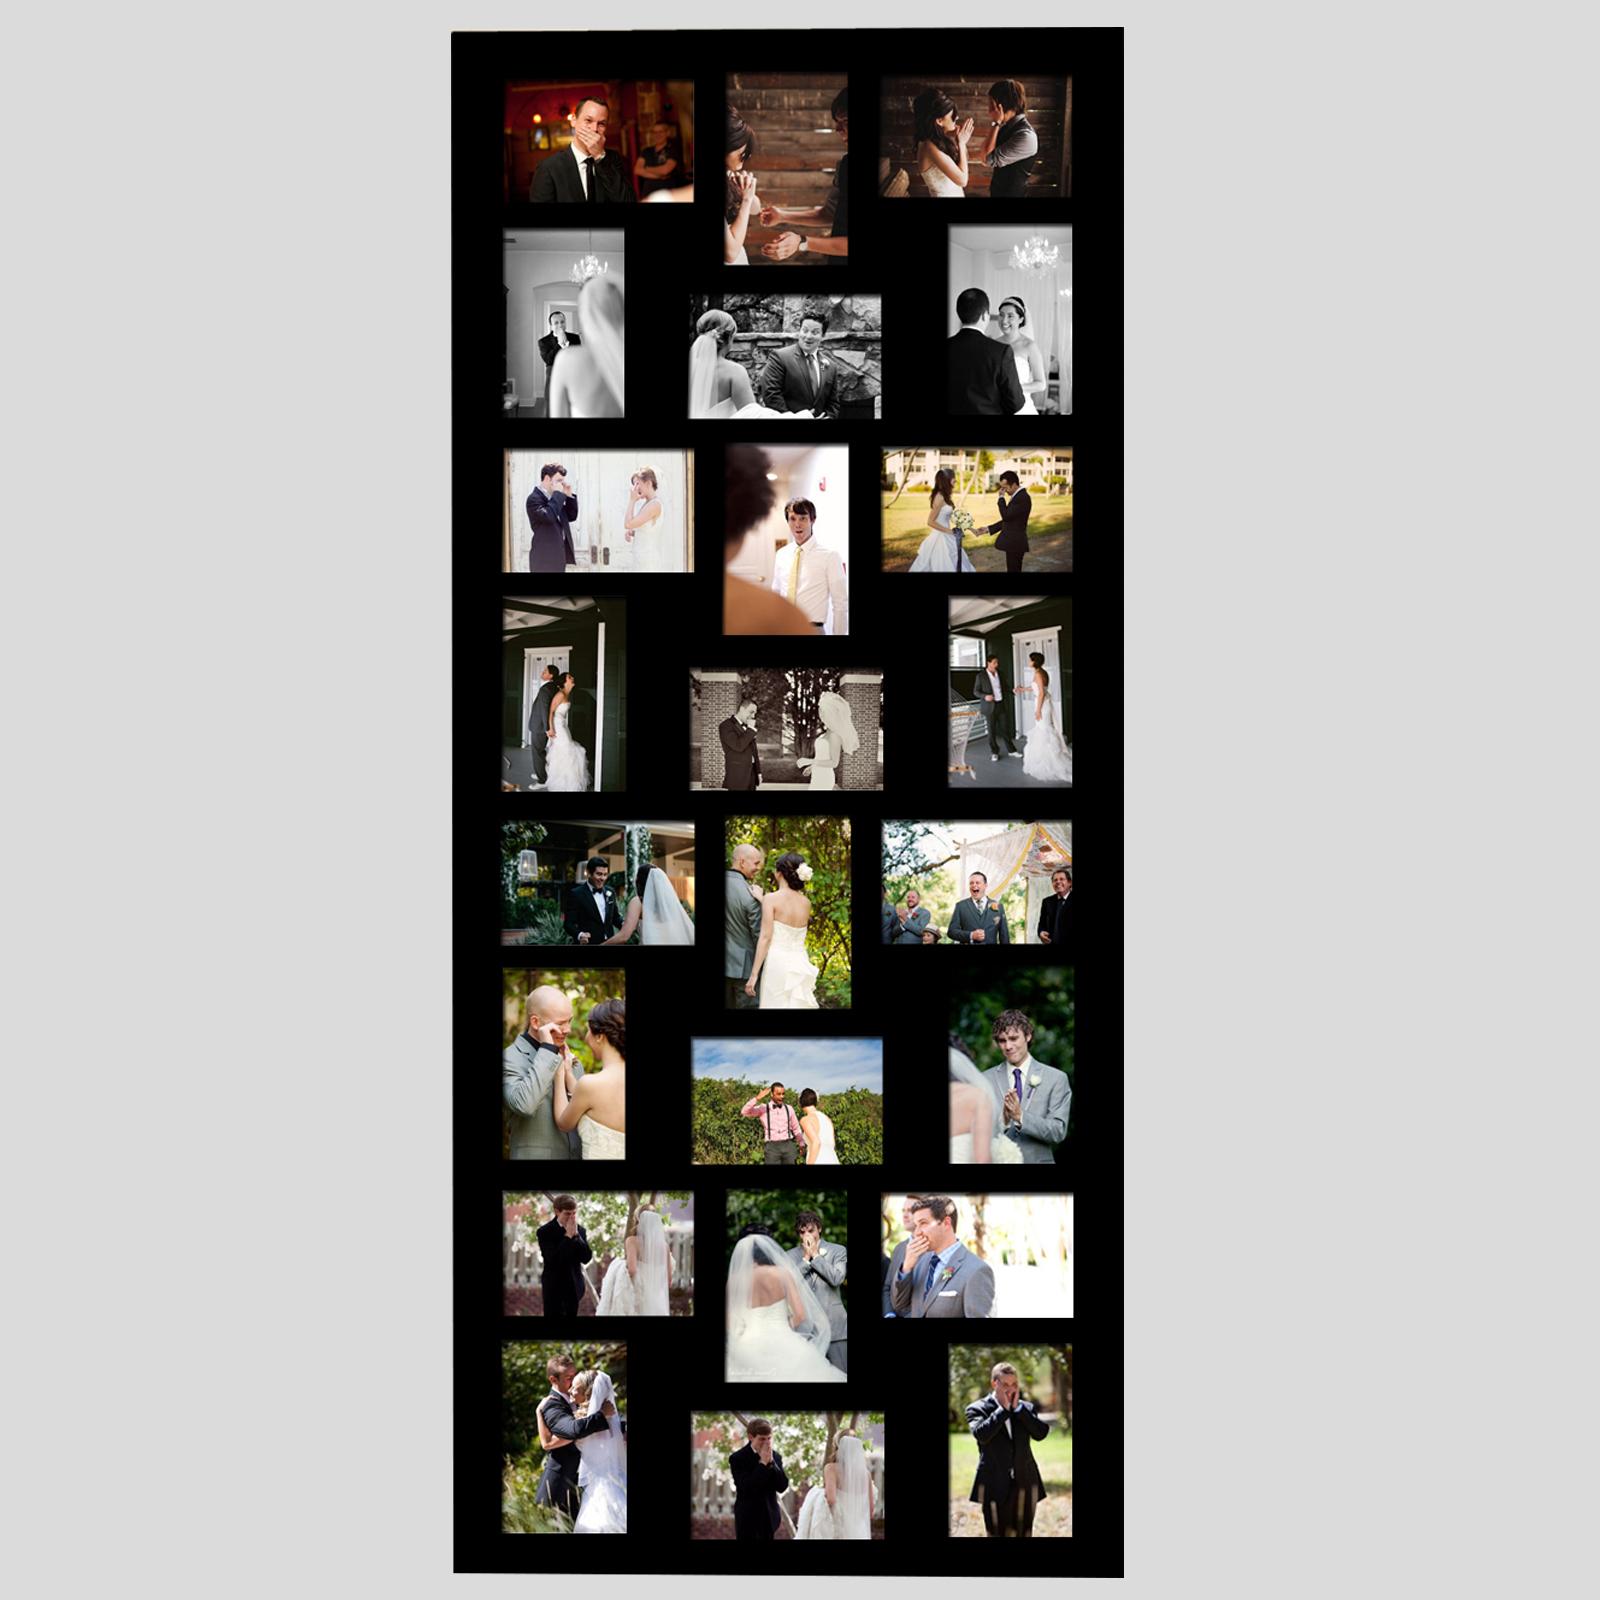 Bilderrahmen Fotocollage Bildergalerie Fotorahmen 6\\8\\10\\12\\14\\24 ...